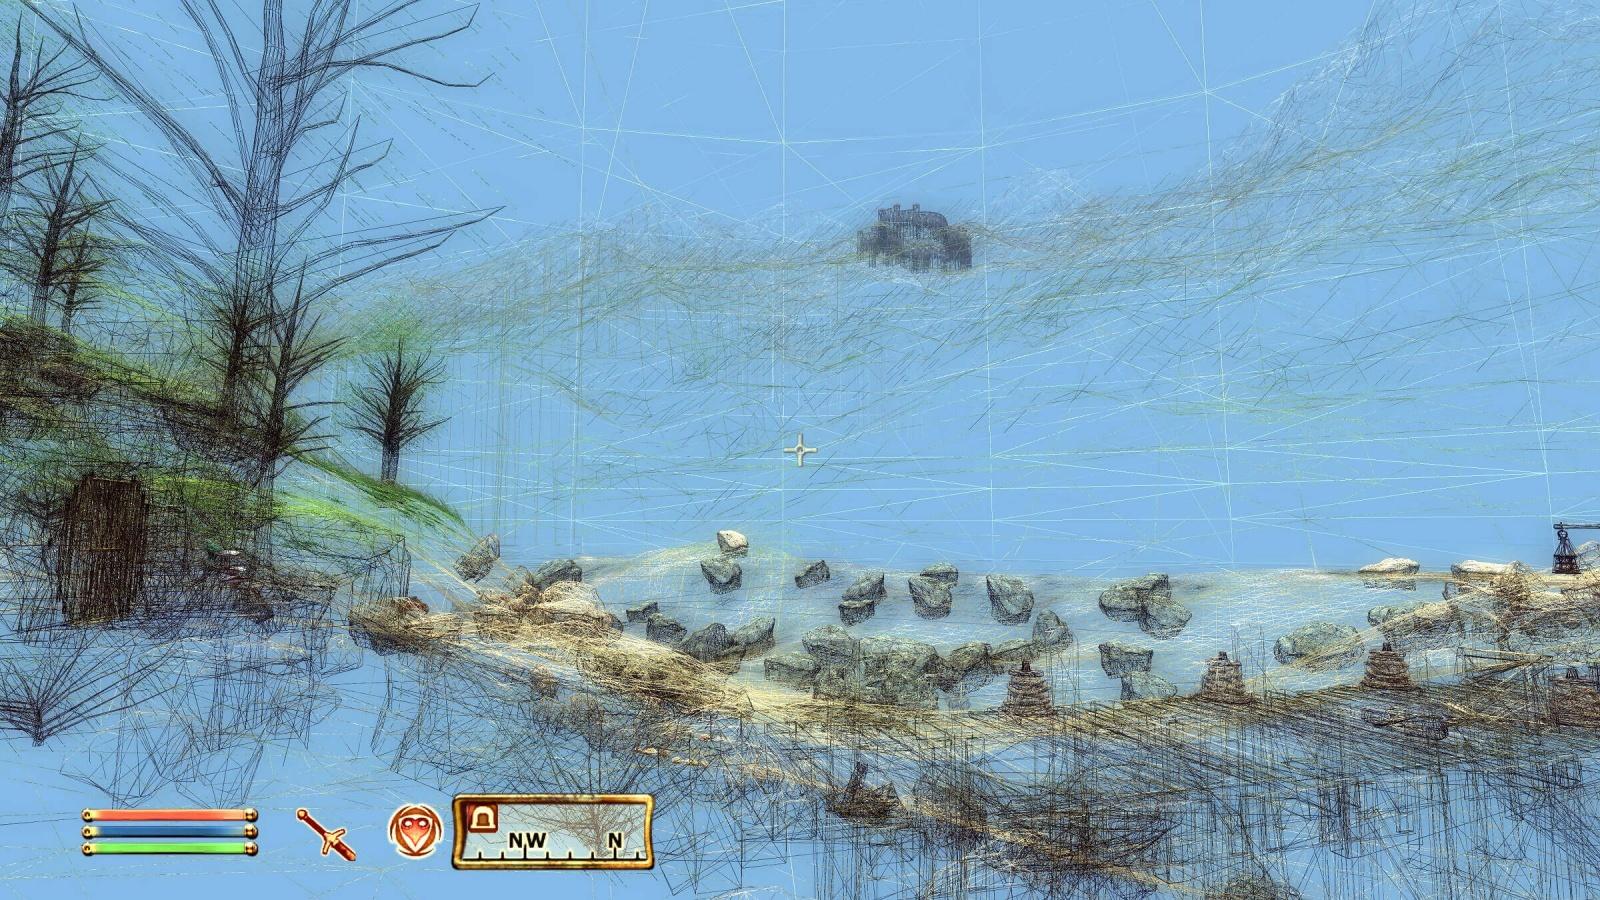 «А Crysis потянет?» Почему до сих пор обсуждают игру, выпущенную 13 лет назад - 6